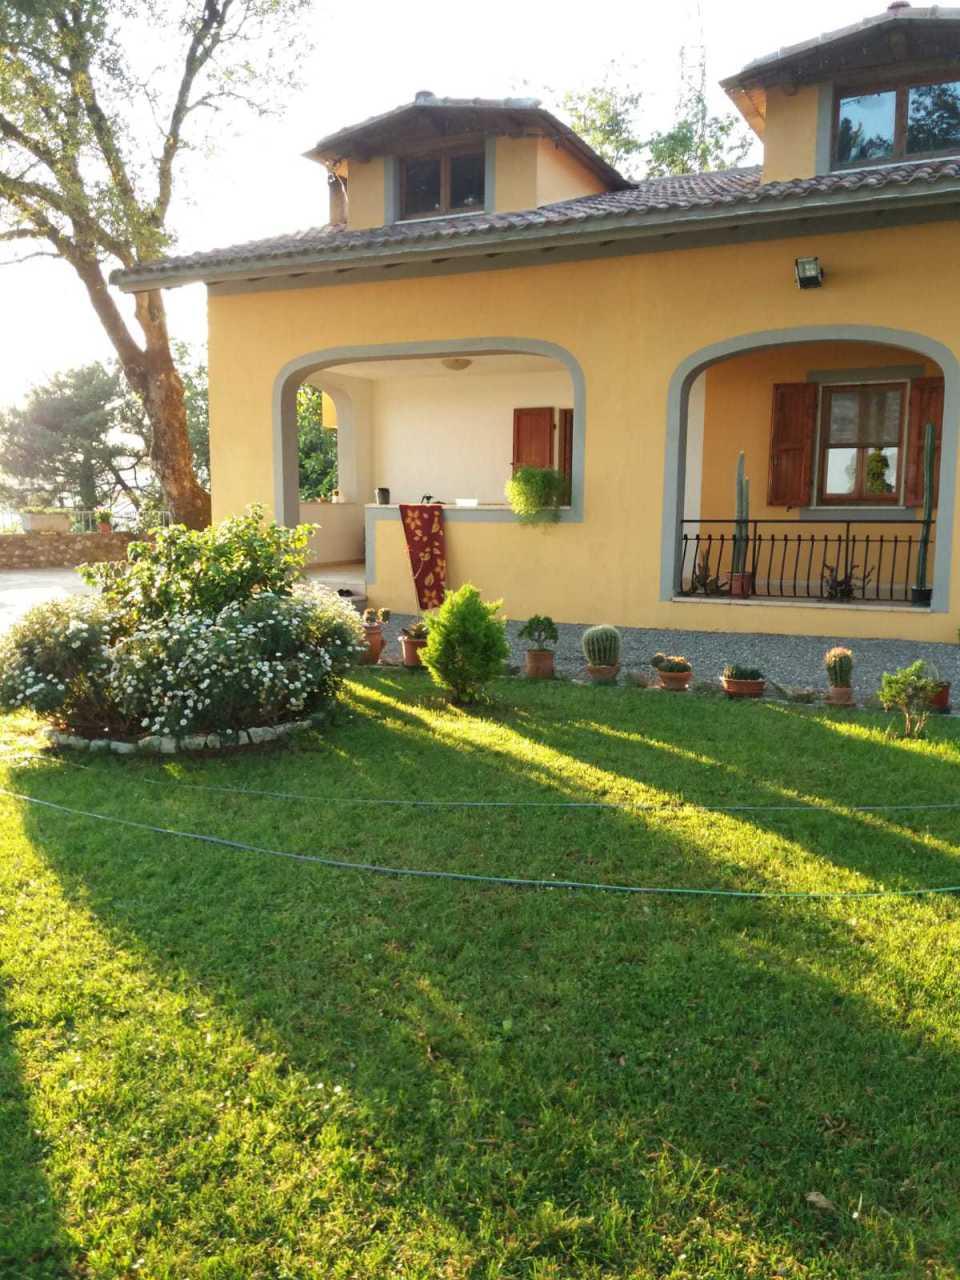 Villa in vendita a Fosdinovo, 7 locali, prezzo € 430.000 | PortaleAgenzieImmobiliari.it